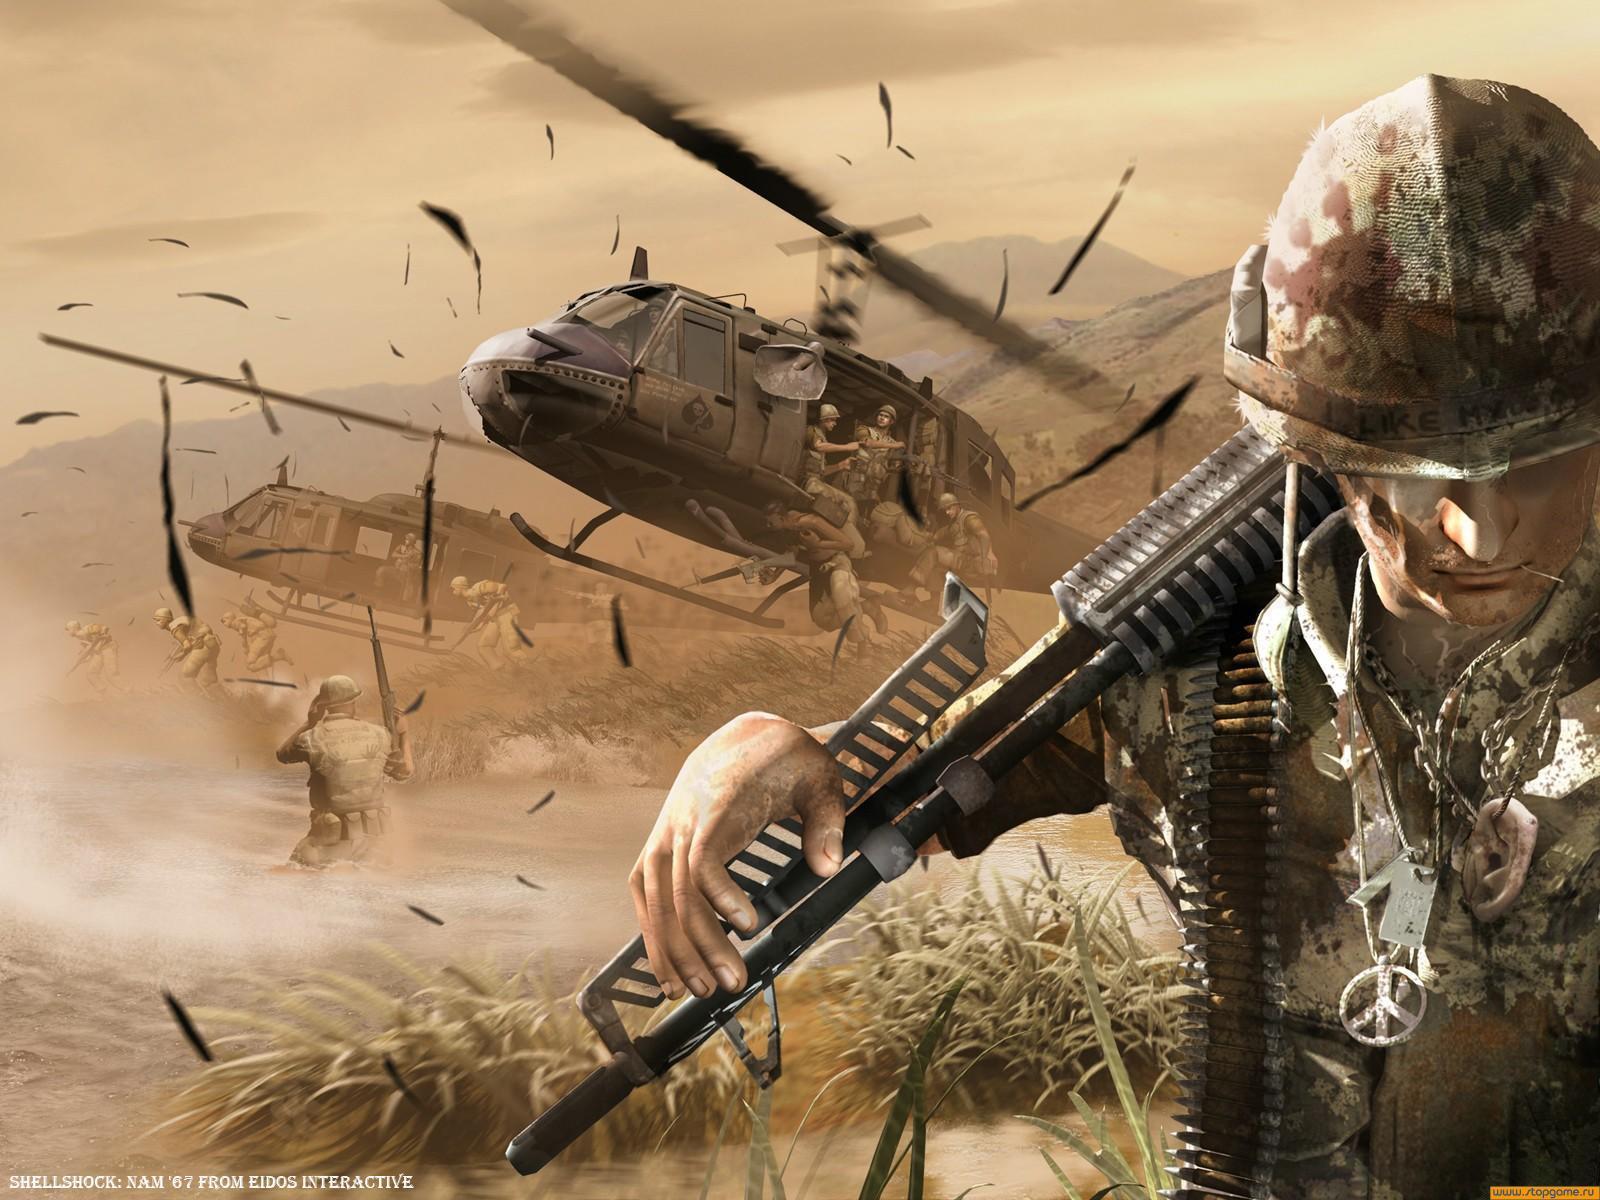 Shellshock: Nam '67 - обои по игре (wallpapers)